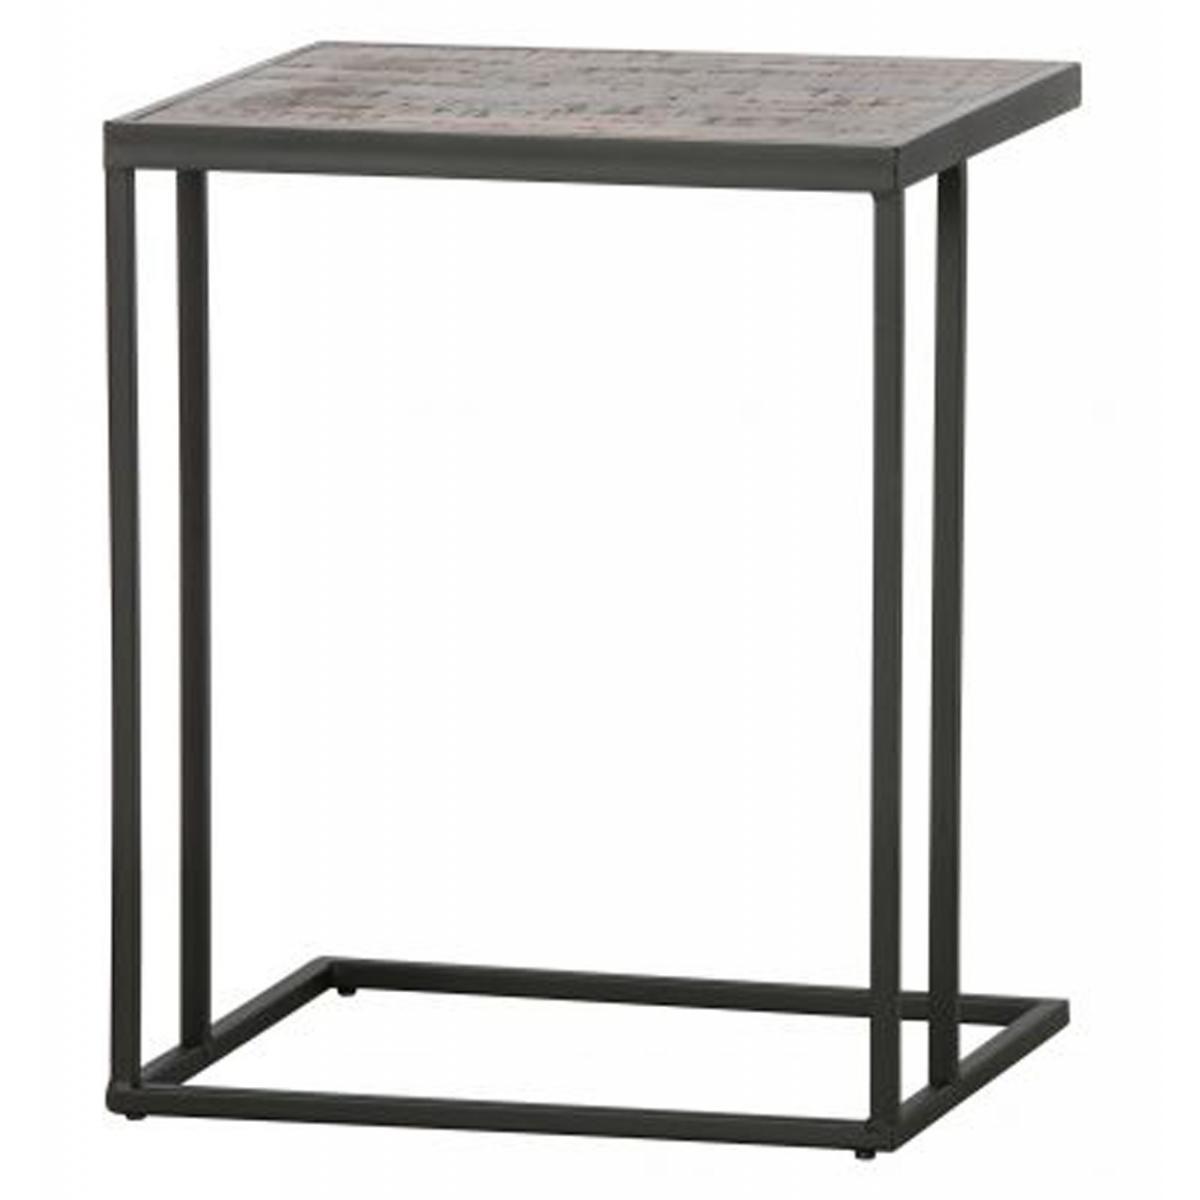 Pegane Table d'appoint en bois de teck et métal - H.55 x L.45 x P.35 cm -PEGANE-